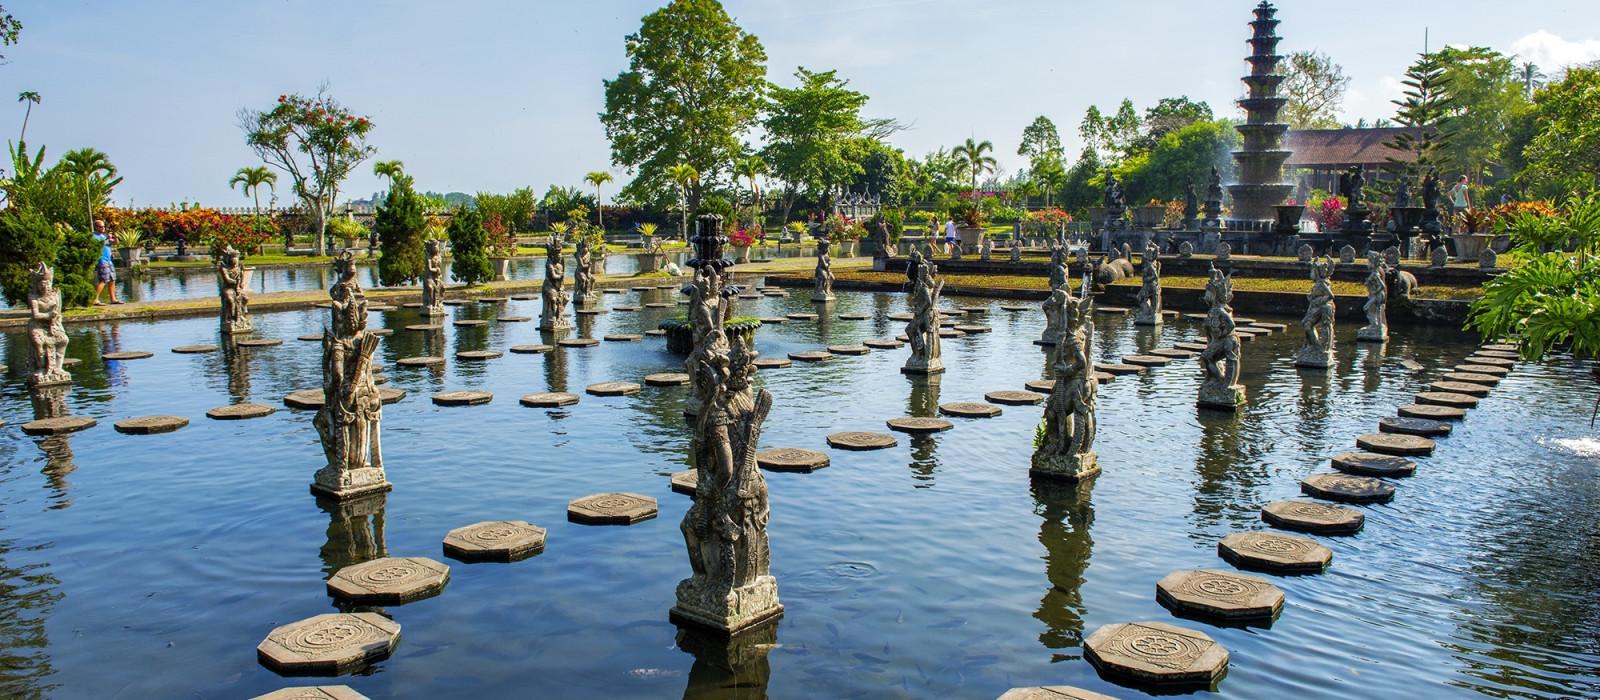 Reiseziel Candidasa Indonesien